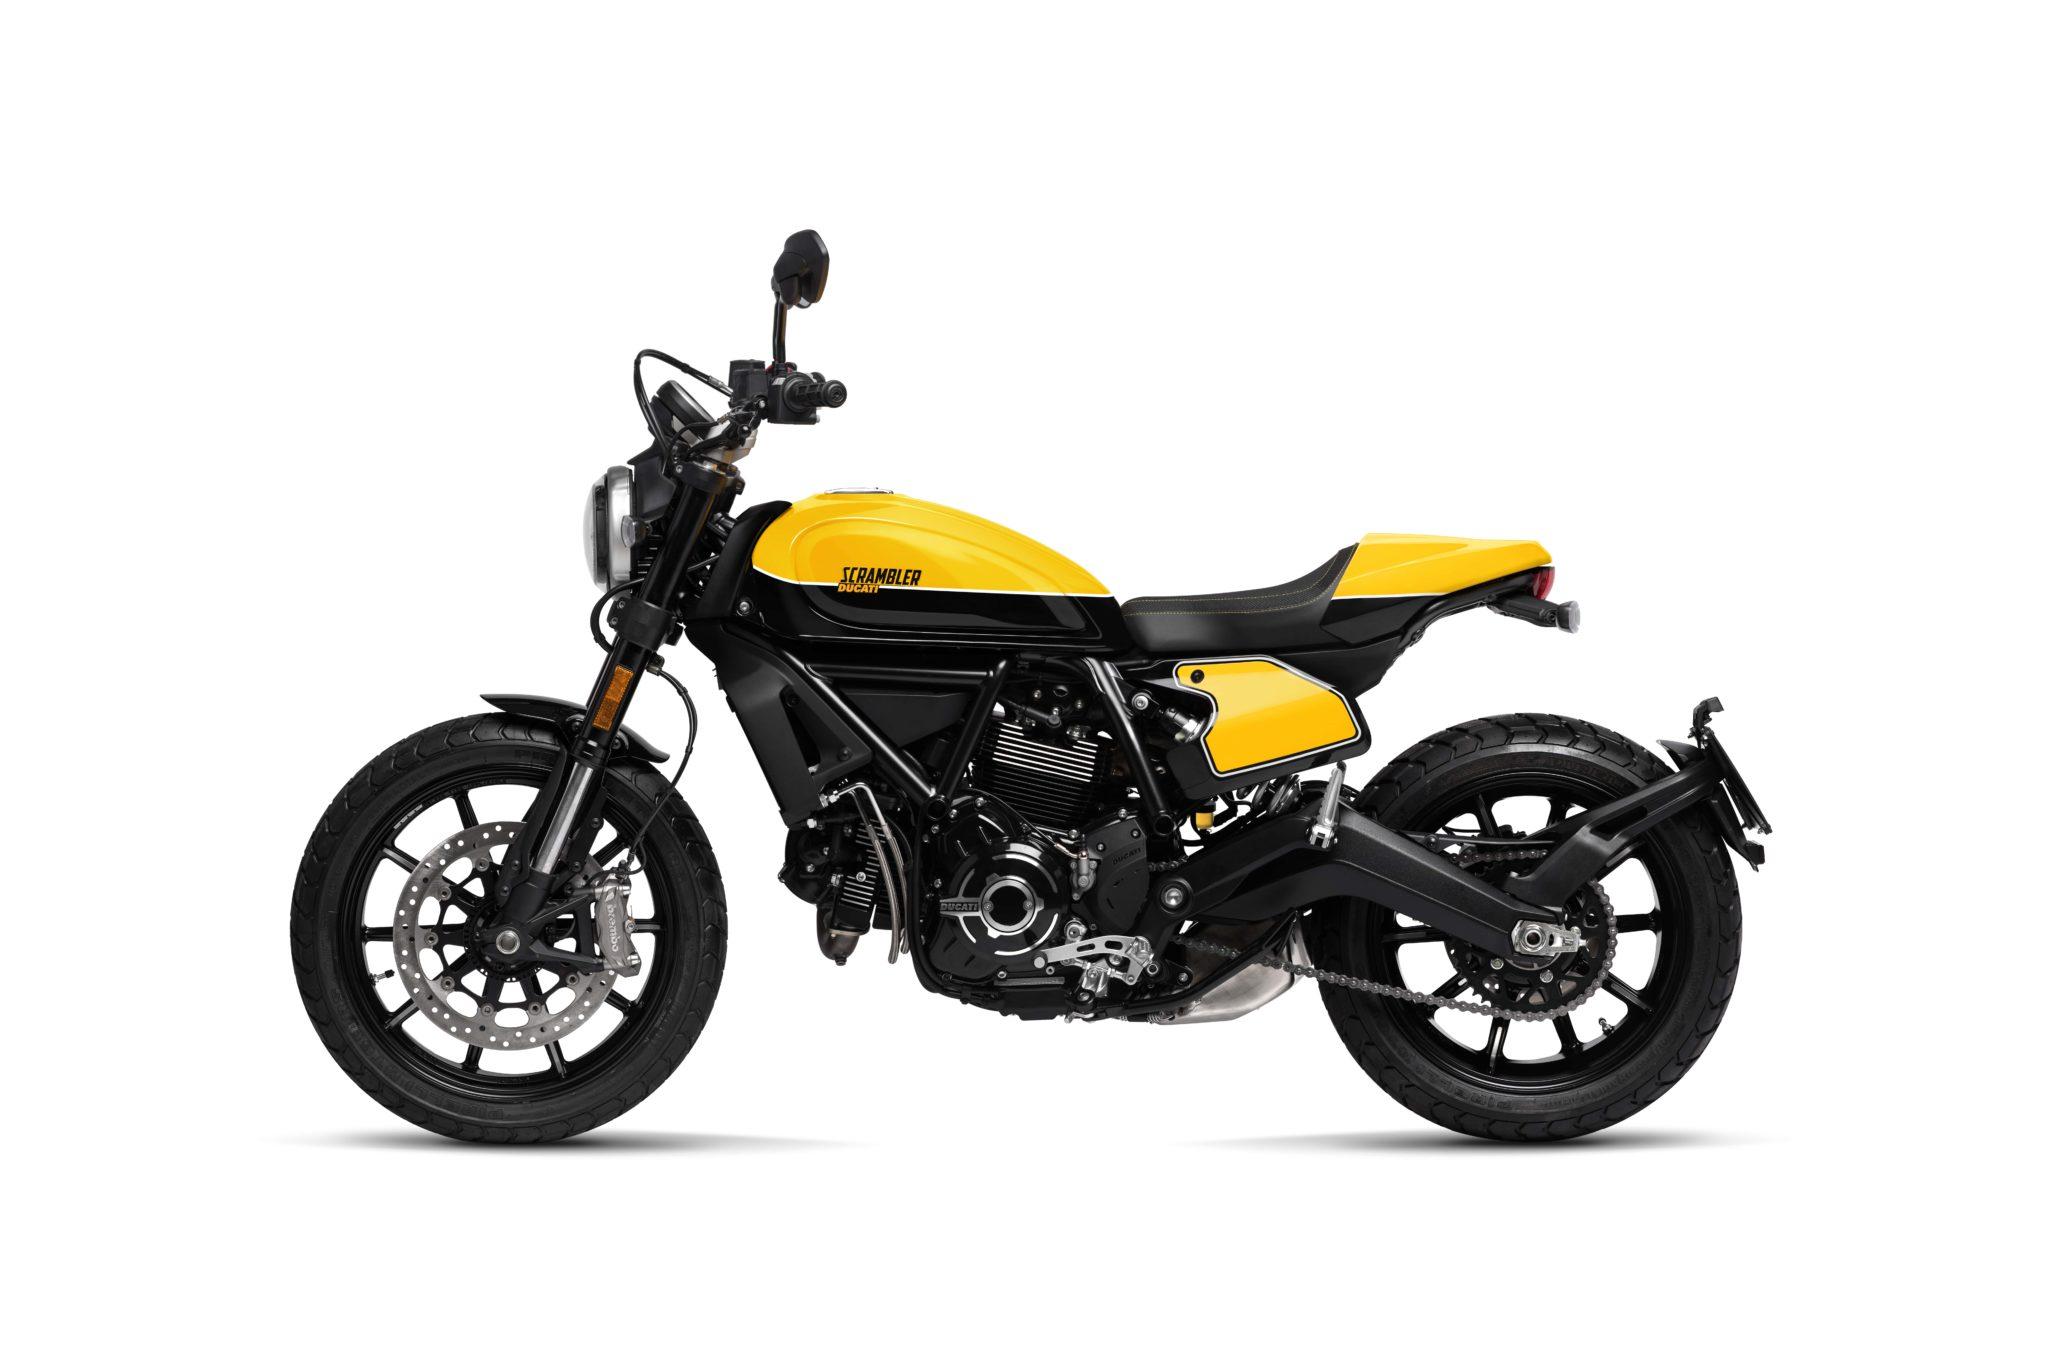 Ducati Scrambler Full Throttle side view